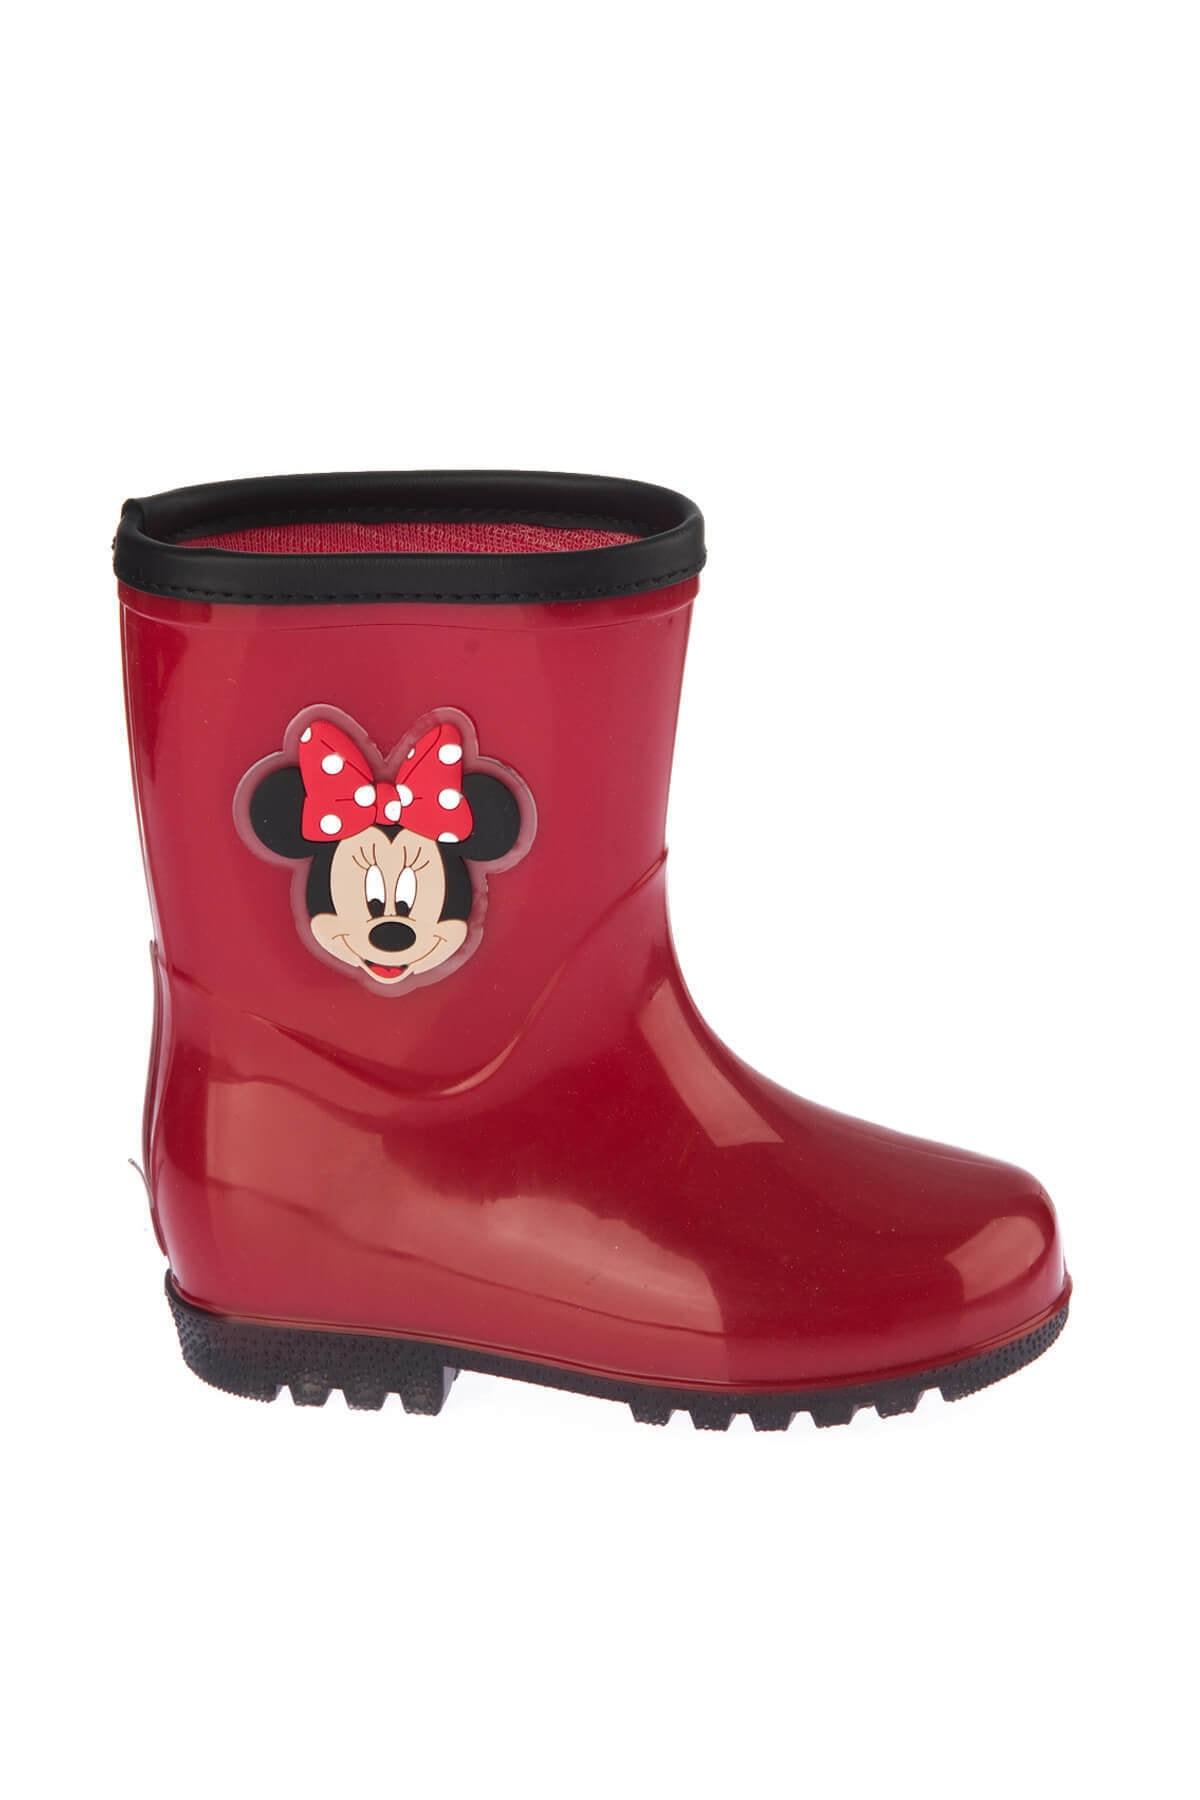 بوت بچه گانه پسرانه زیبا برند Minnie Mouse کد ty3977849